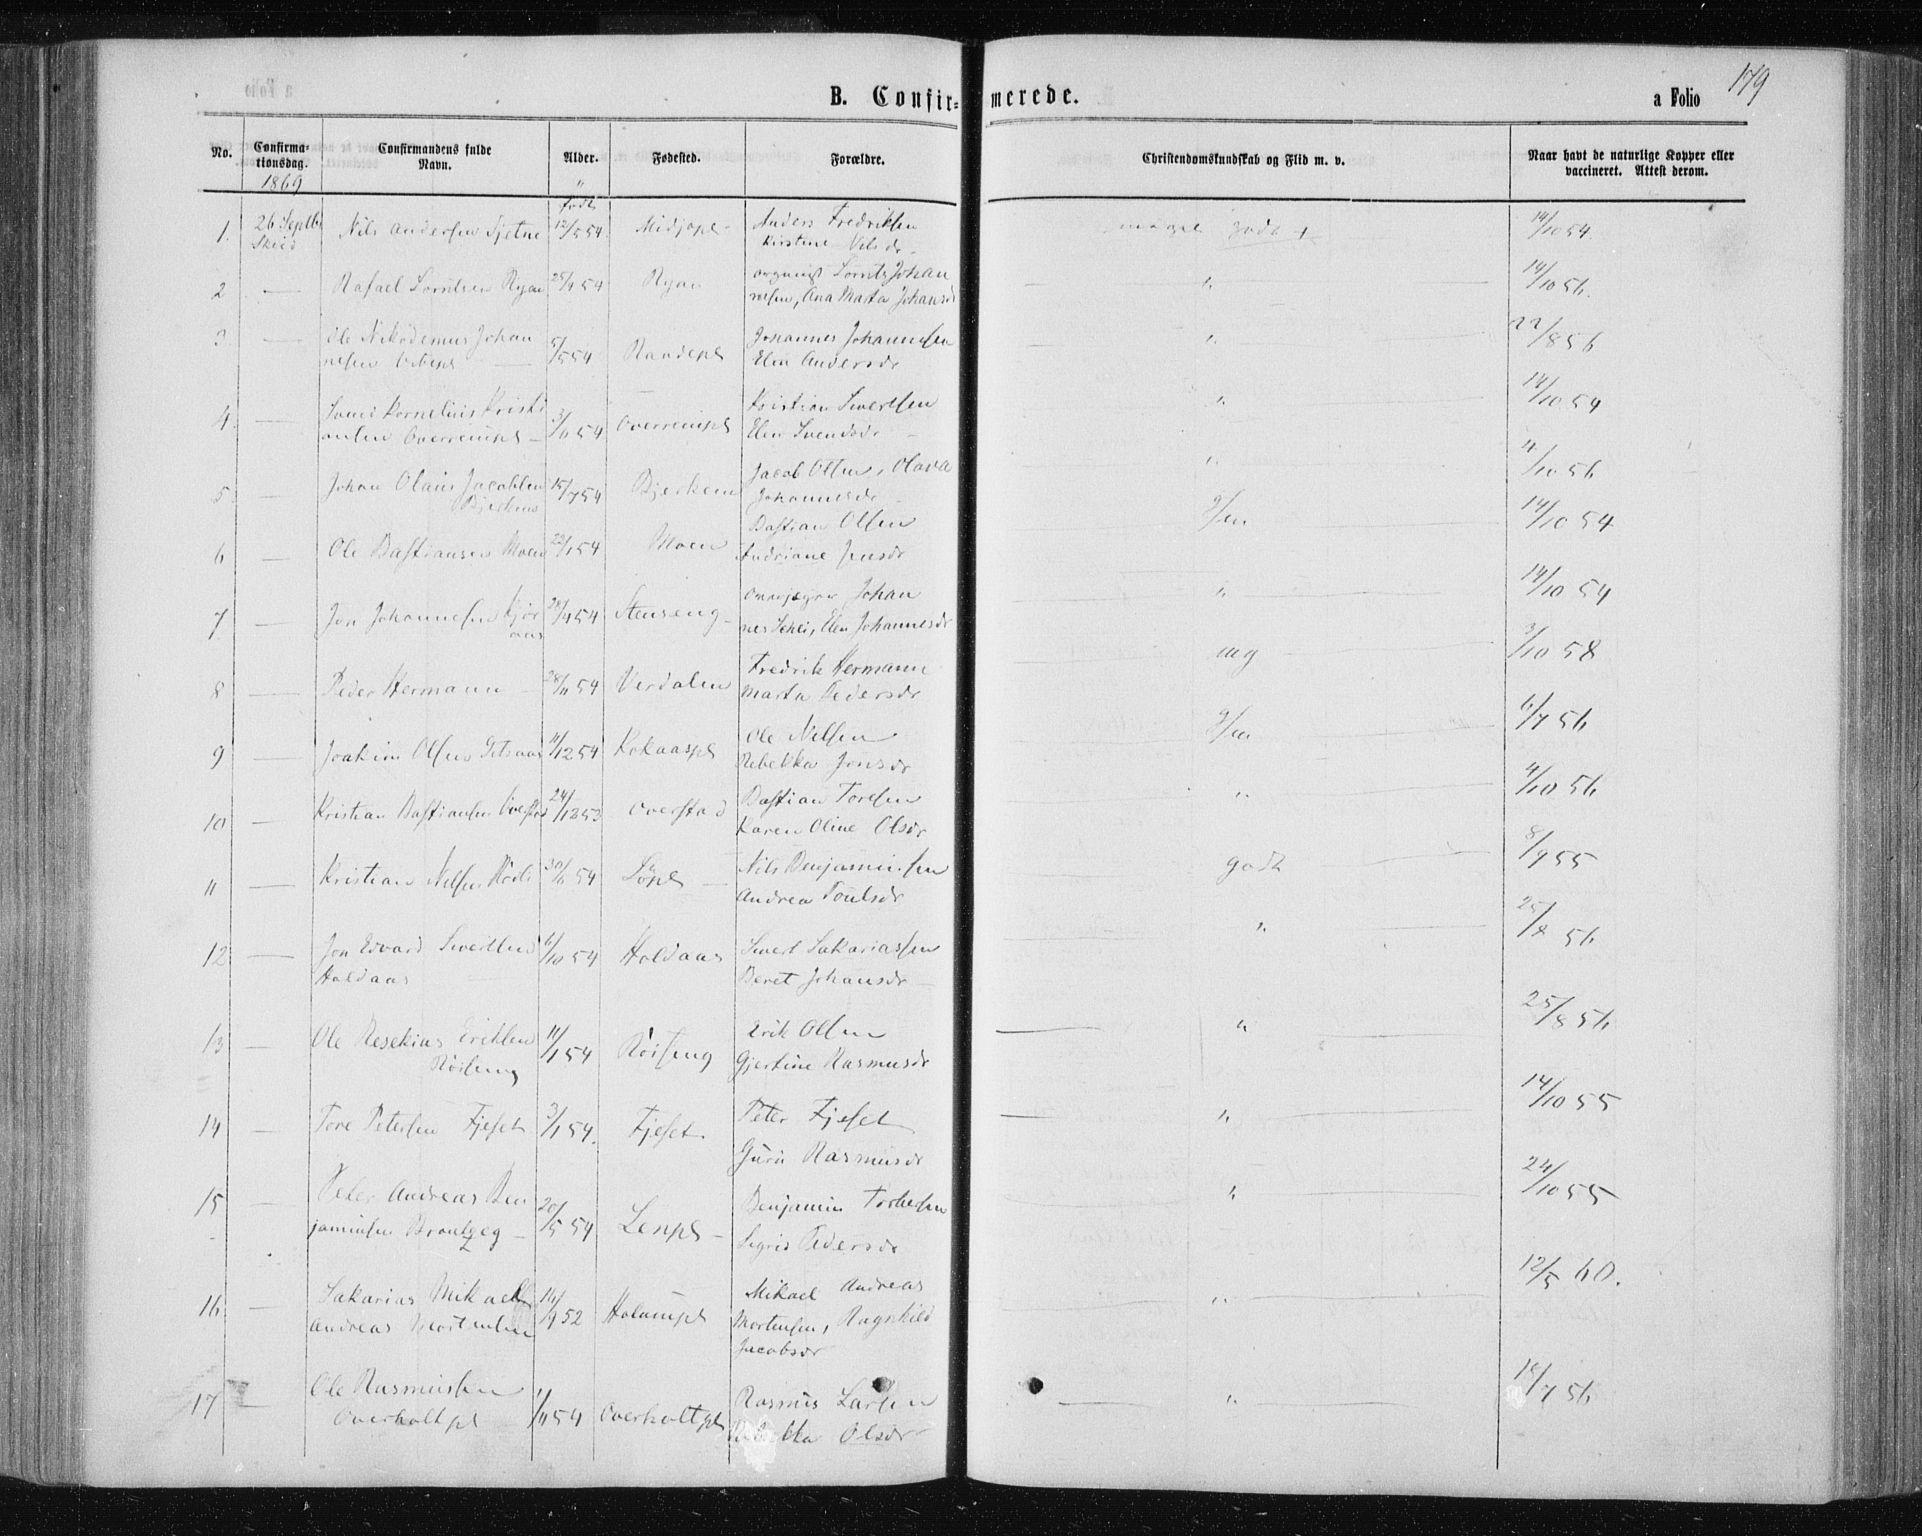 SAT, Ministerialprotokoller, klokkerbøker og fødselsregistre - Nord-Trøndelag, 735/L0345: Ministerialbok nr. 735A08 /1, 1863-1872, s. 179